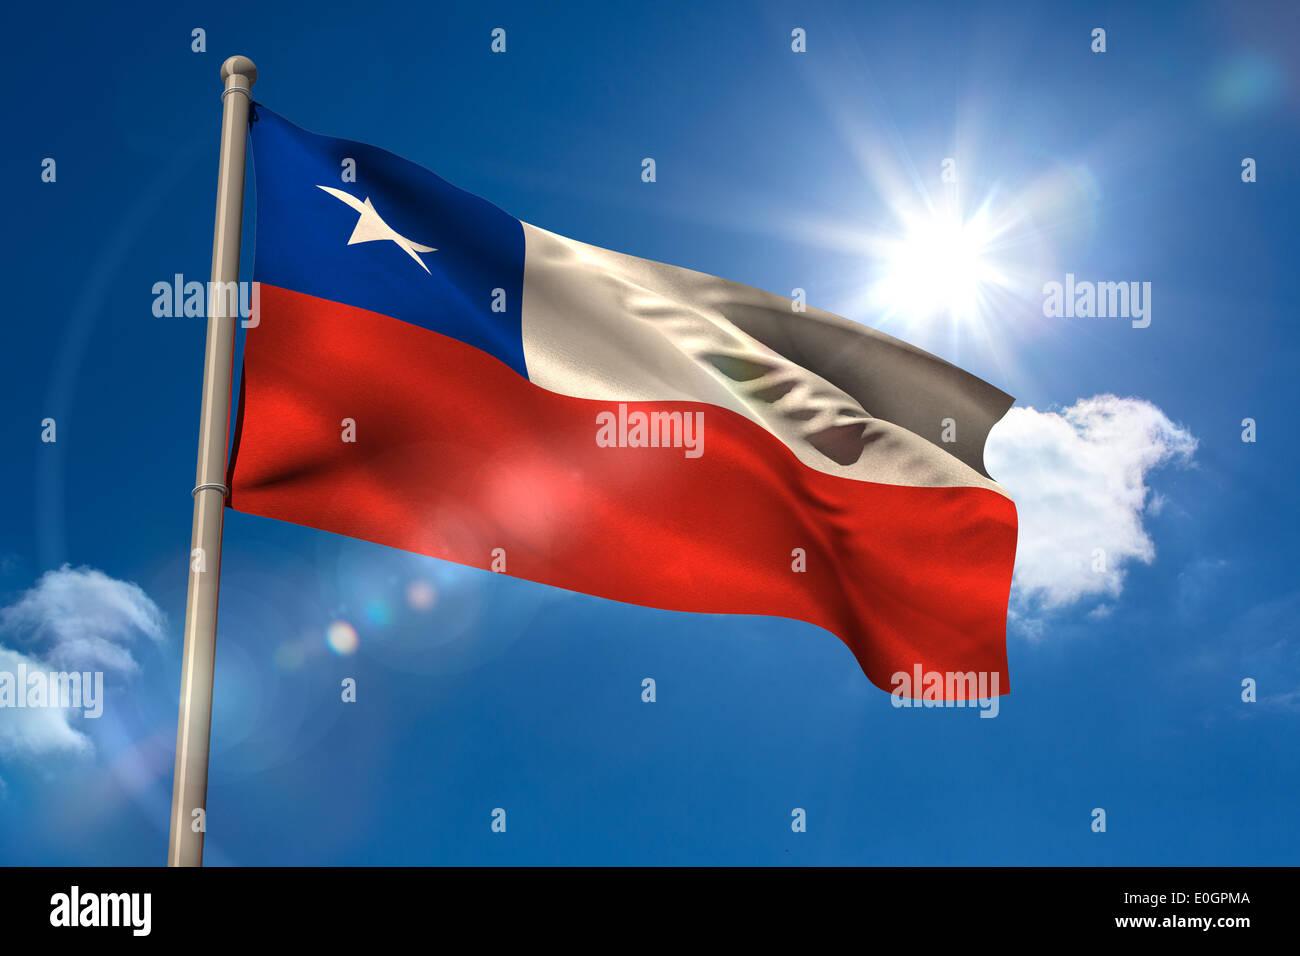 Chile national flag on flagpole - Stock Image